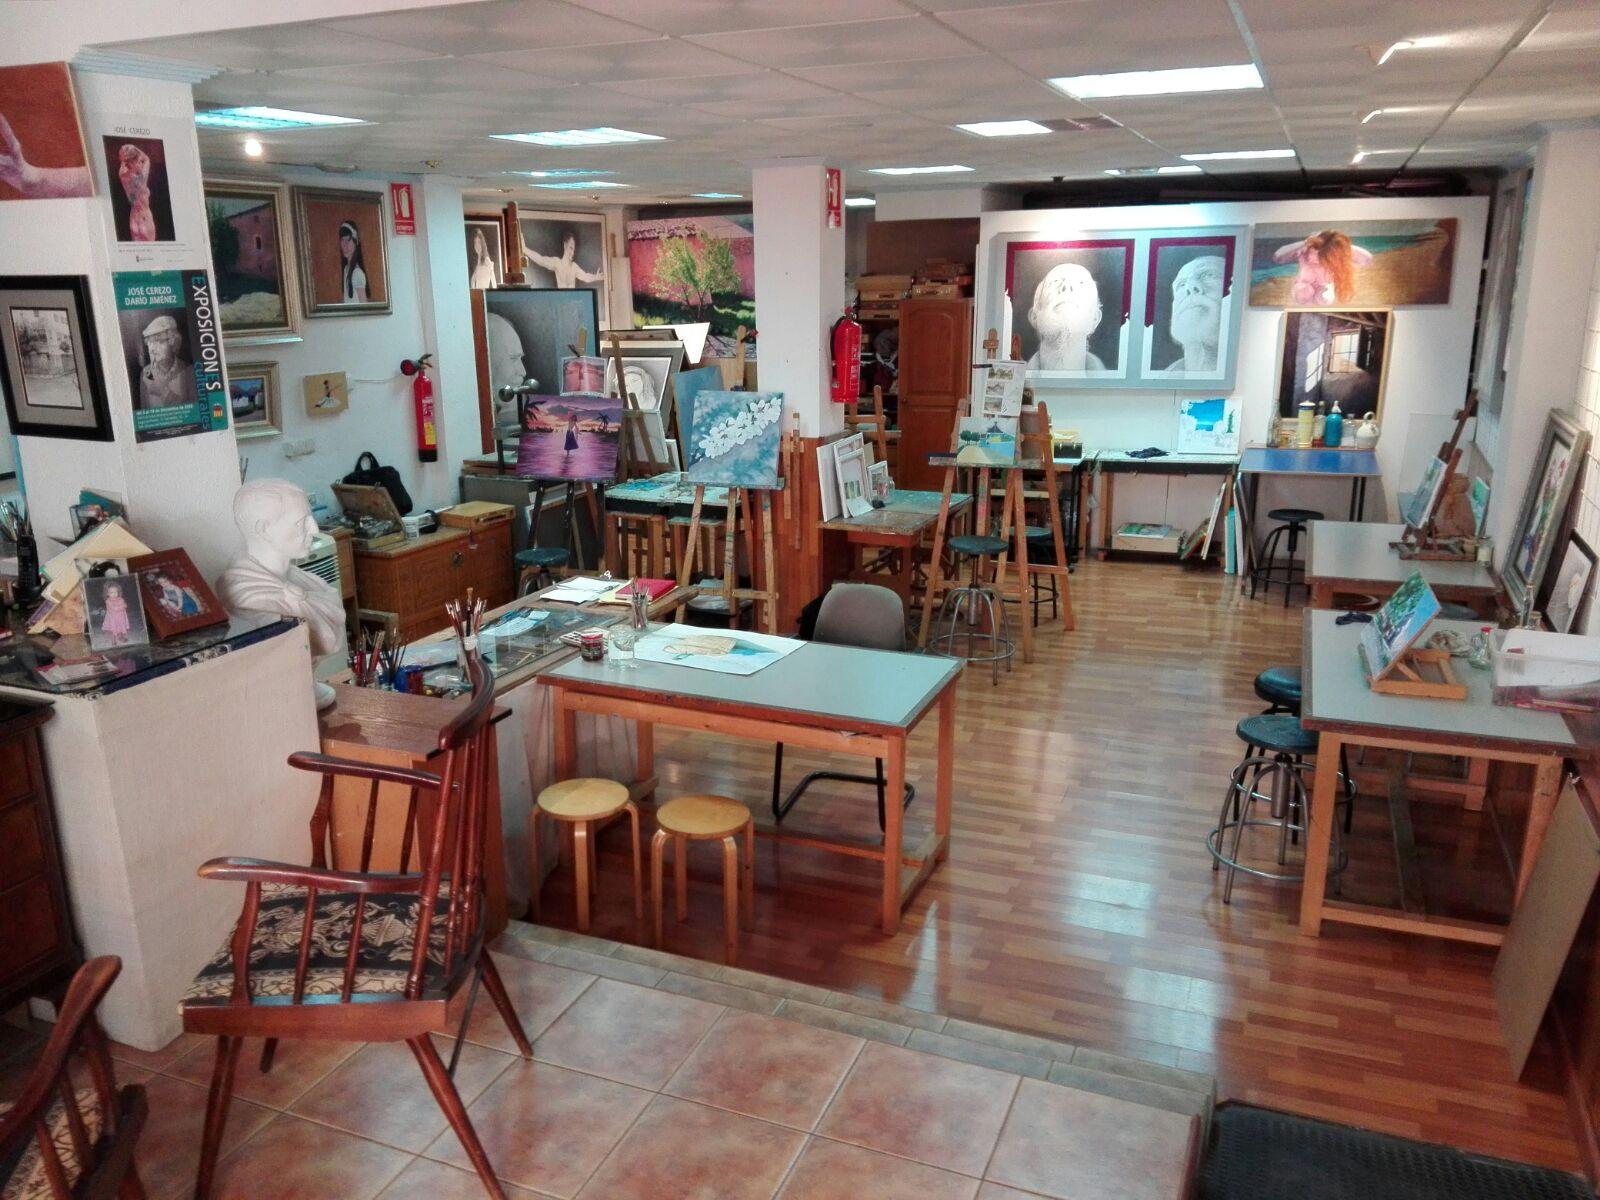 Escuela de dibujo y pintura